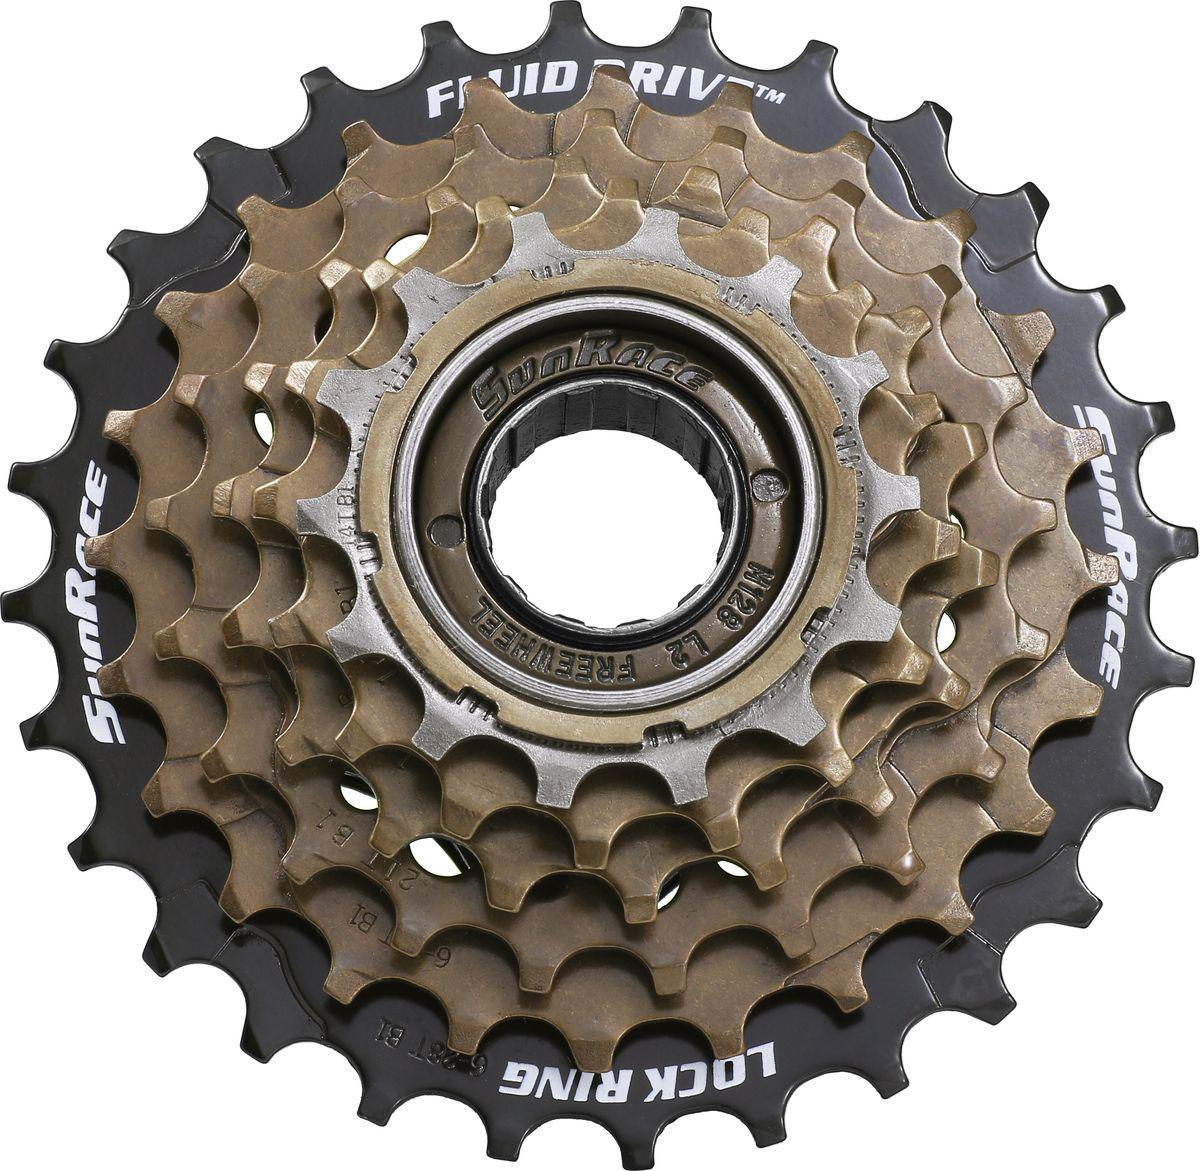 Классическая трещотка на 6 скоростей. Подходит для задних втулок велосипедов на 6 скоростей трещоточного типа. Набор высокопрочных стальных звезд дают максимально широкий диапазон передаточных чисел, комфортный практически при любом стиле езды. • 6 скоростей • Набор звезд 14-16-18-21-24-28 • Для задних втулок трещоточного типа  BIKE ATTITUDE – это крупнейший Тайваньский производитель высококачественных велосипедных аксессуаров и запчастей. Уже более 10-и лет Bike Attitude представляет свои товары в 15 странах мира.